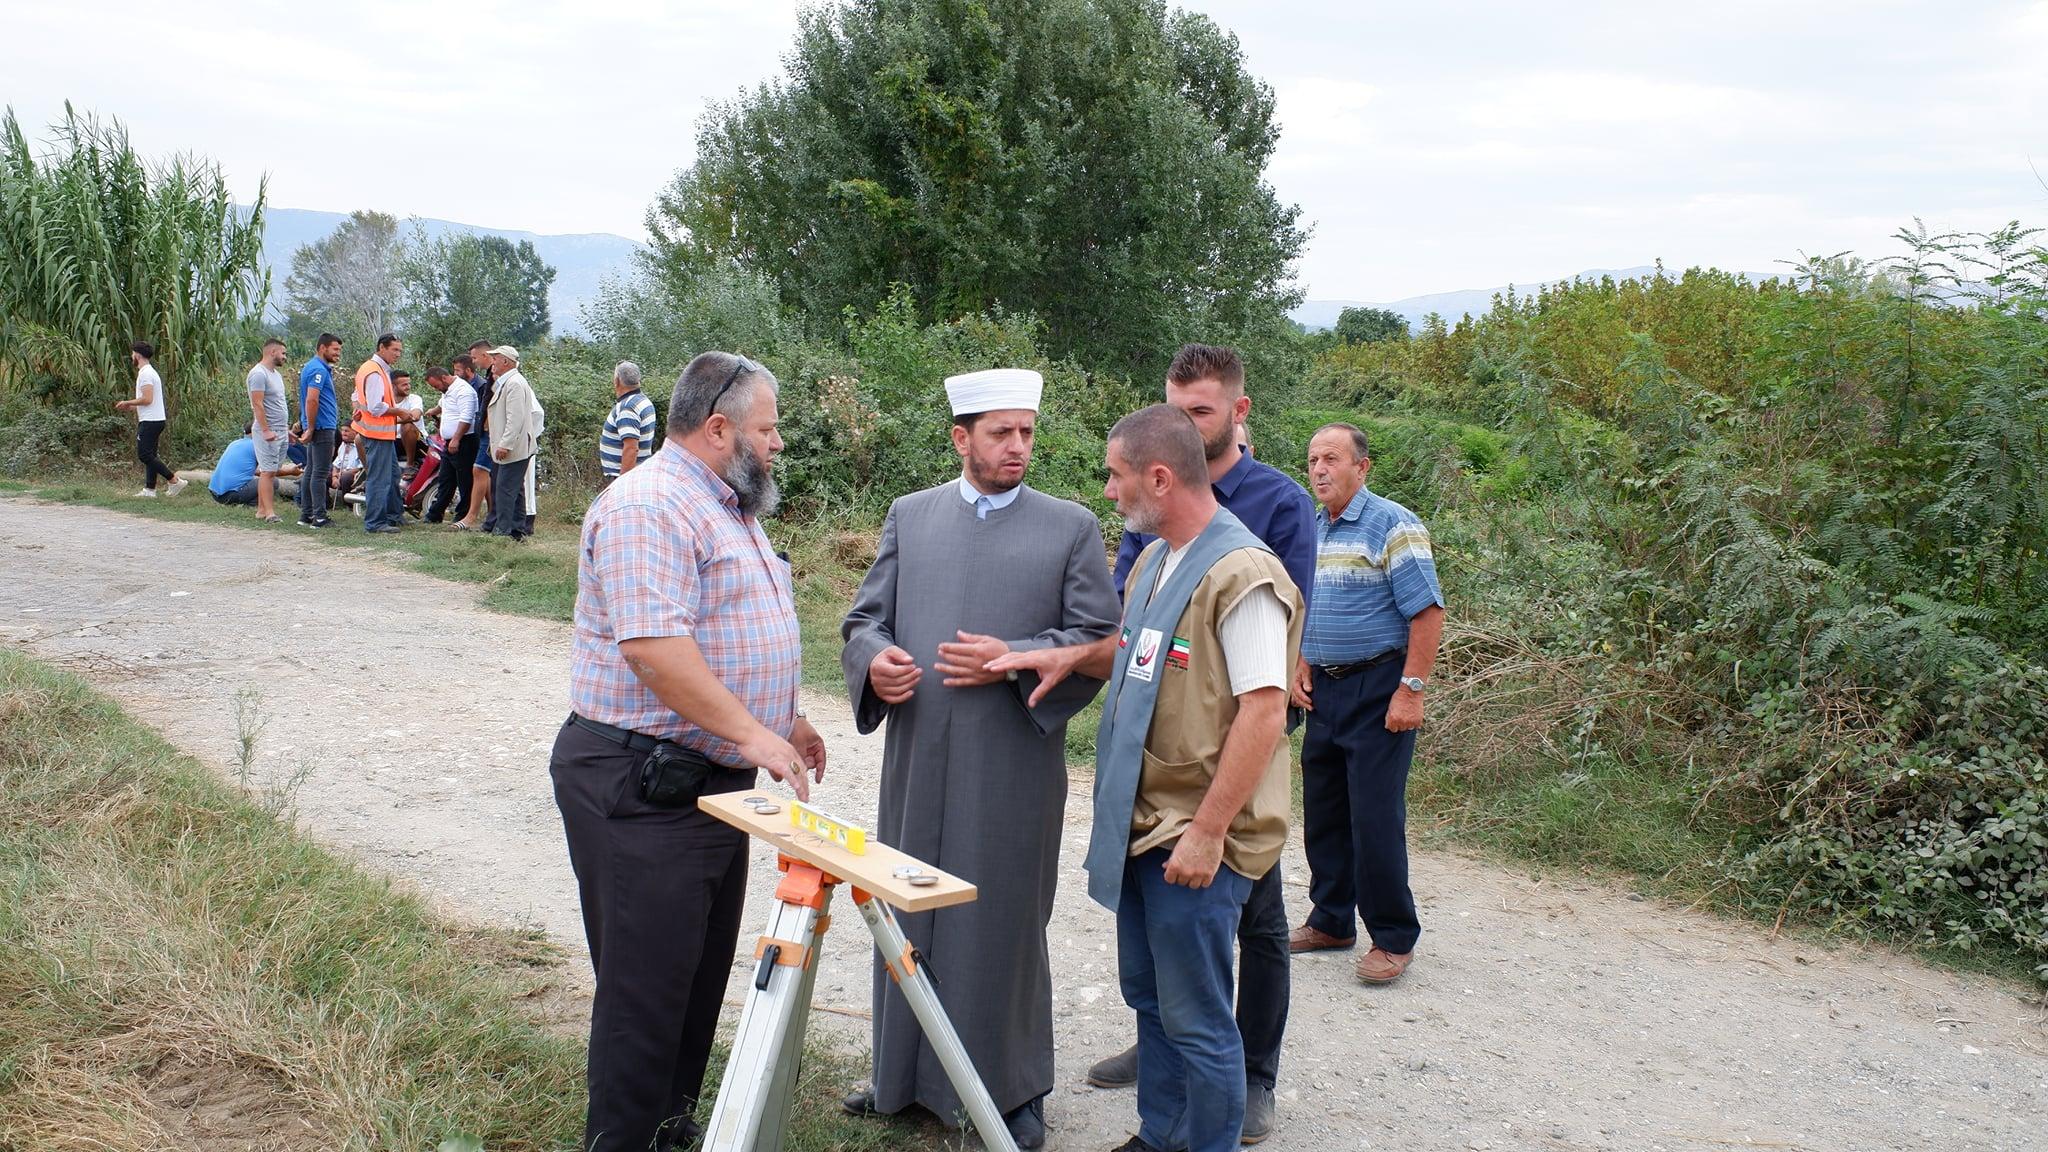 Nisin punimet për ndërtimin e xhamisë së re në fshatin Rrushkull-Belaj (8)